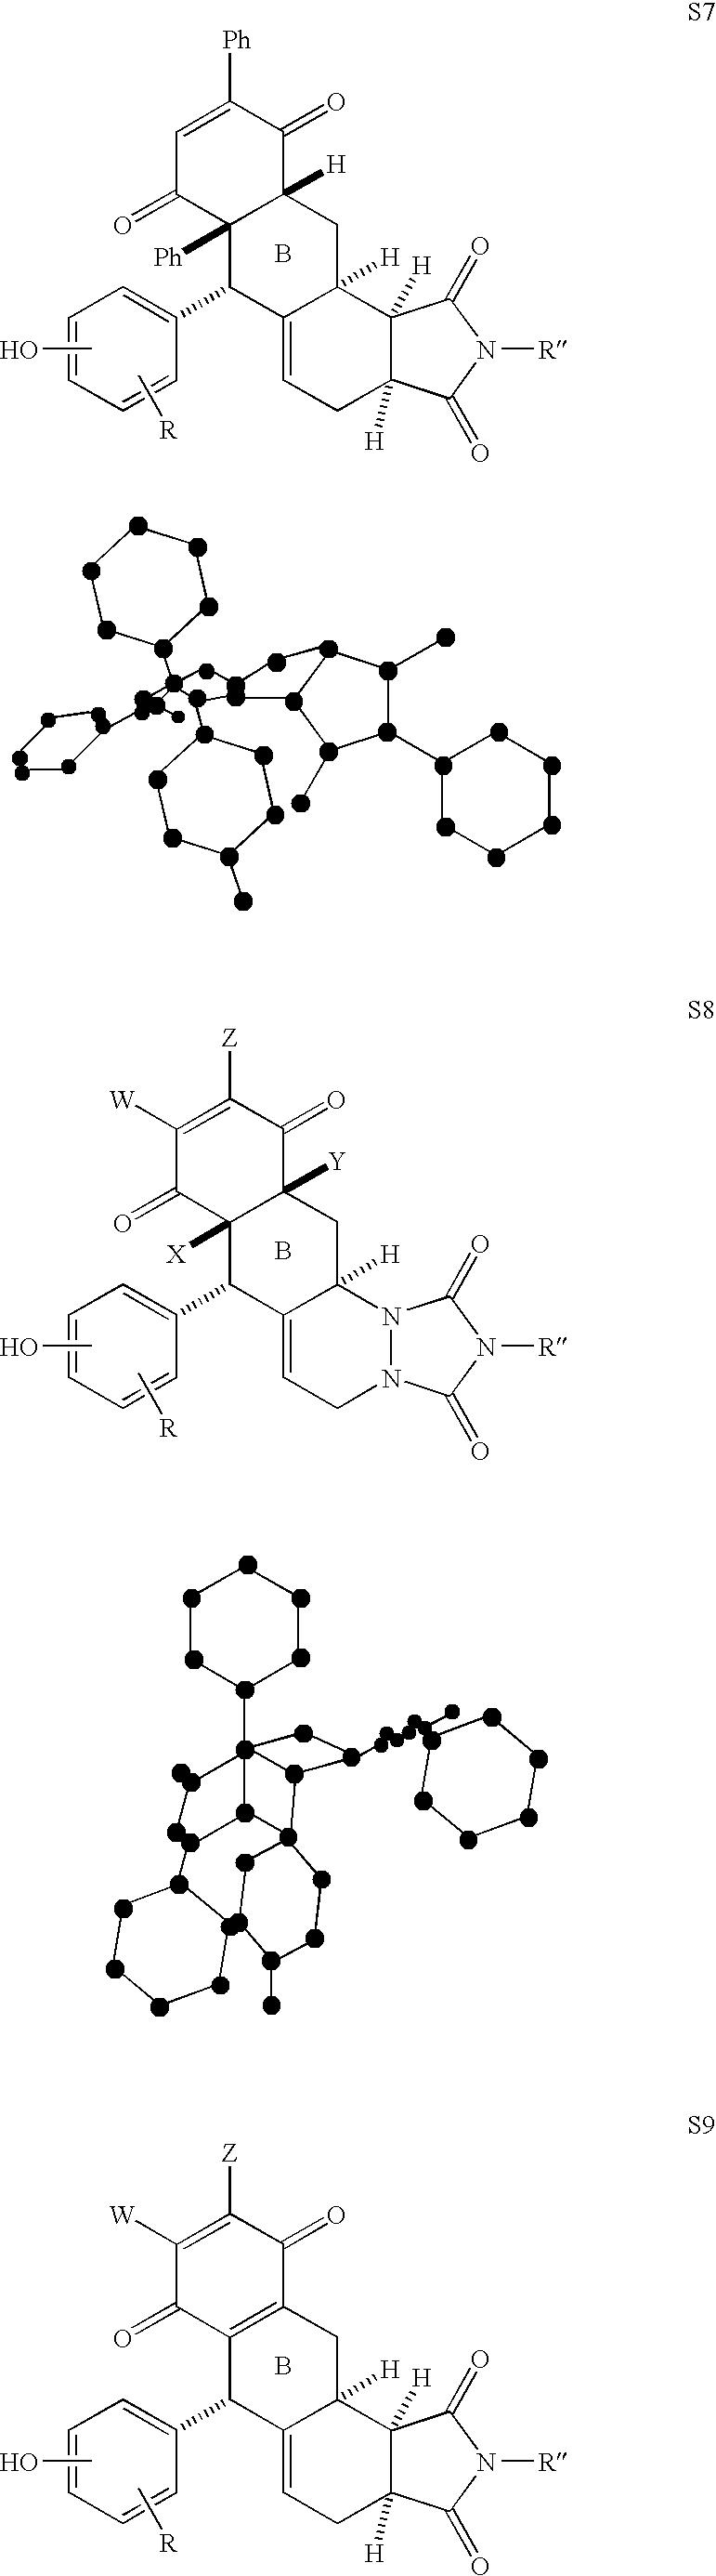 Figure US20040214232A1-20041028-C00011